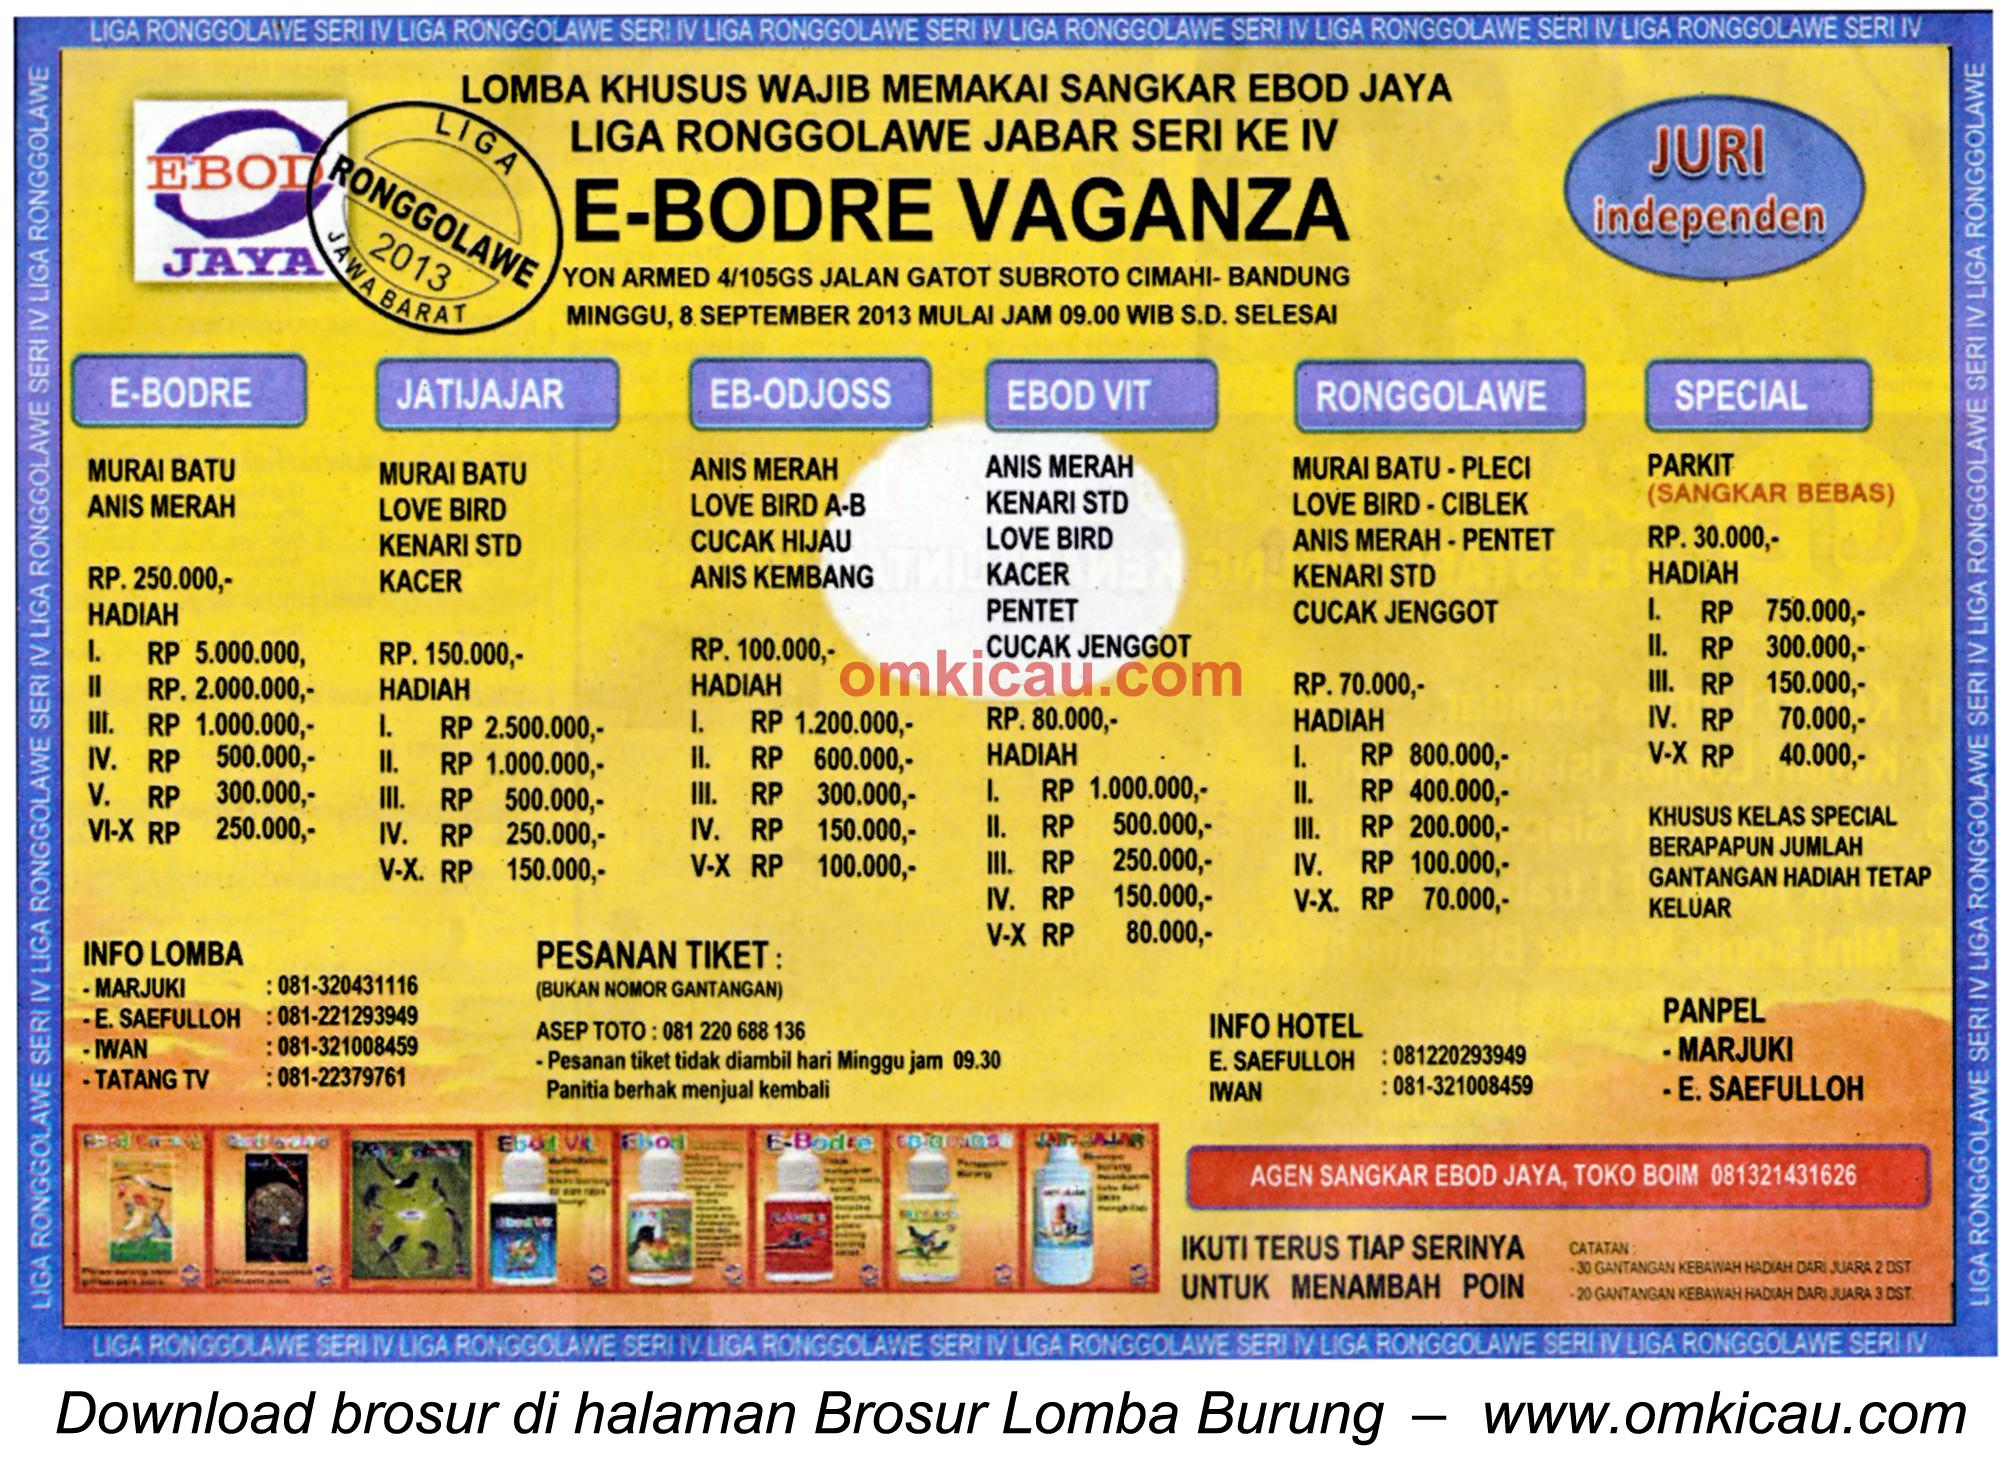 Brosur Lomba Burung E-Bodre Vaganza Bandung 8 Sept 2013